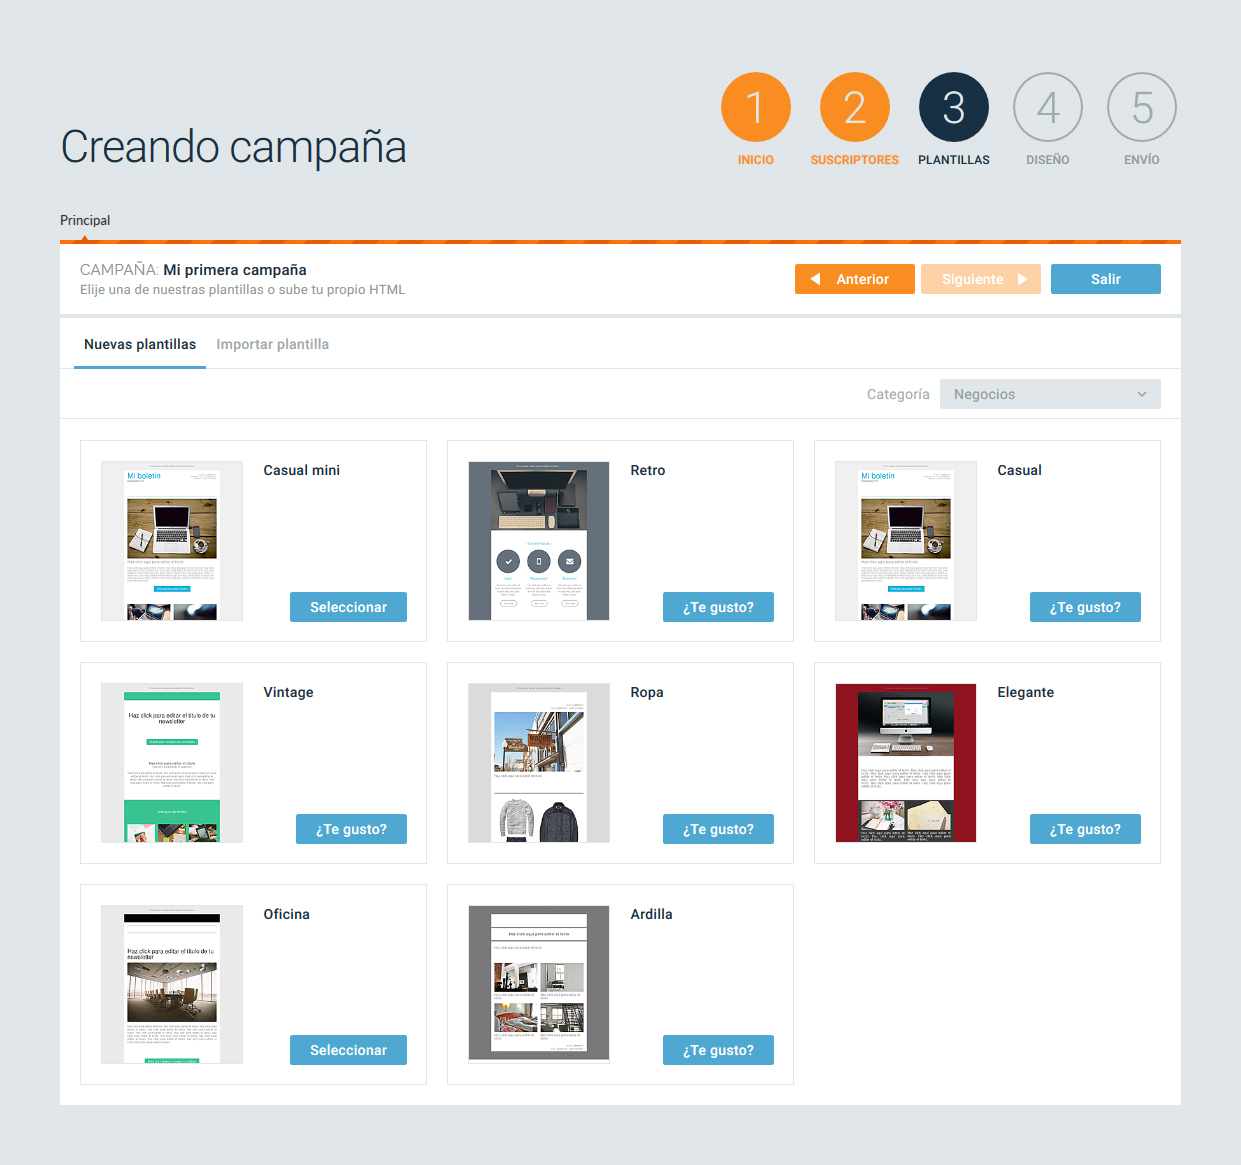 Soporte Acumbamail | Cómo crear y enviar una campaña